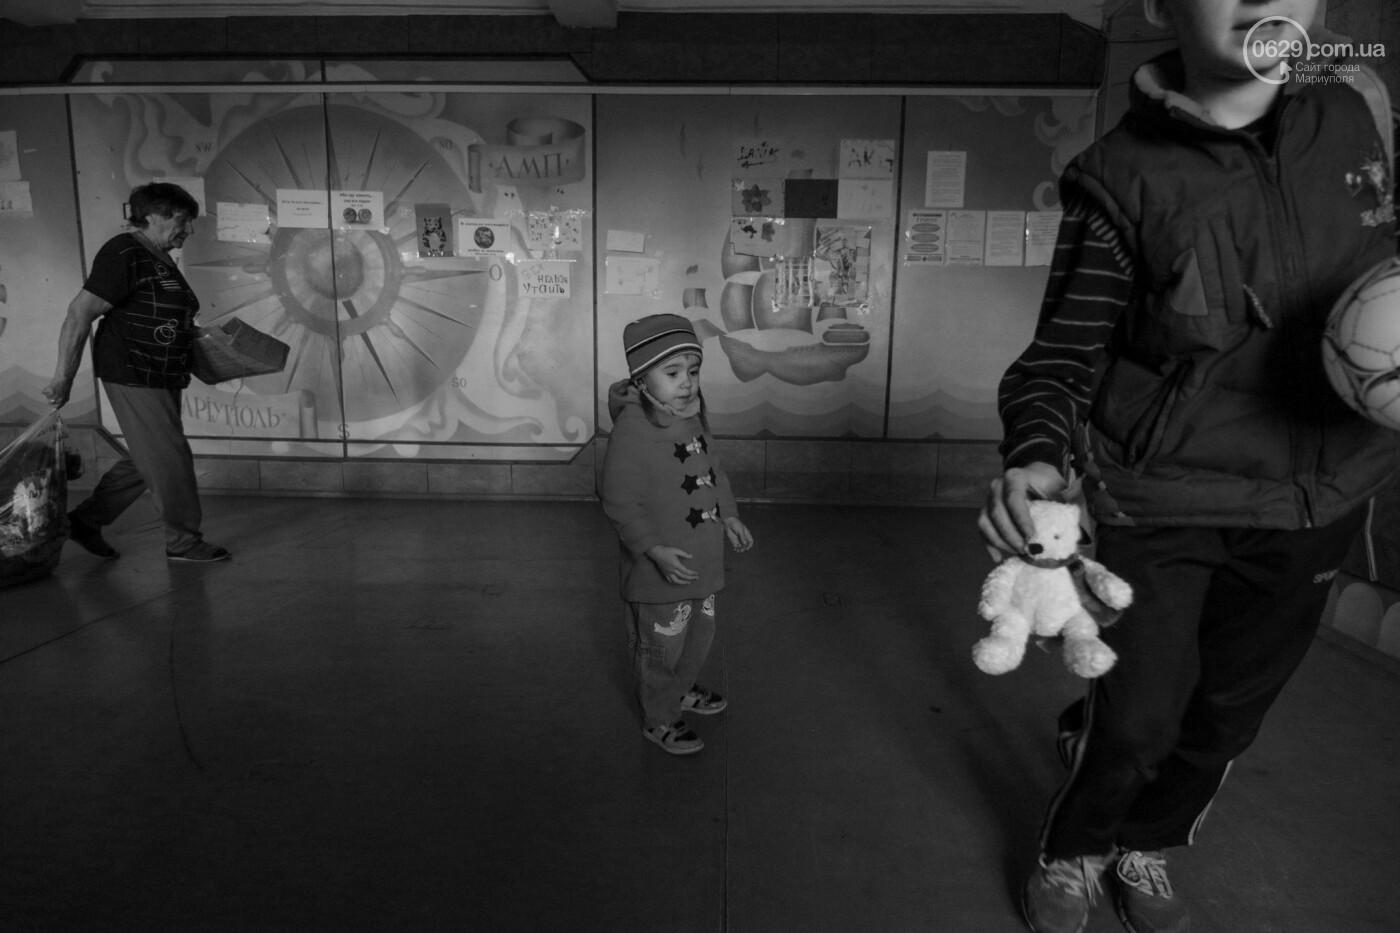 Несепаратистский регион. Берлин опубликовал исследование настроений жителей Донбасса, фото-3